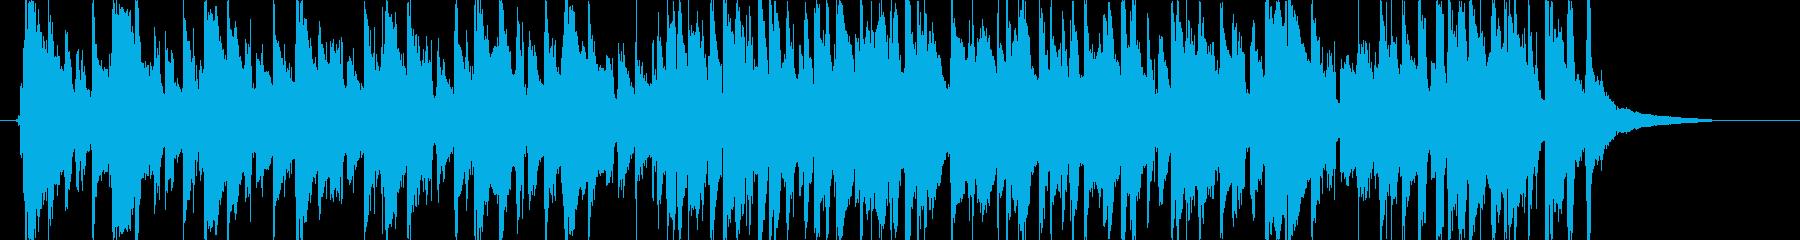 ほのぼのした日常的なアコギBGMの再生済みの波形